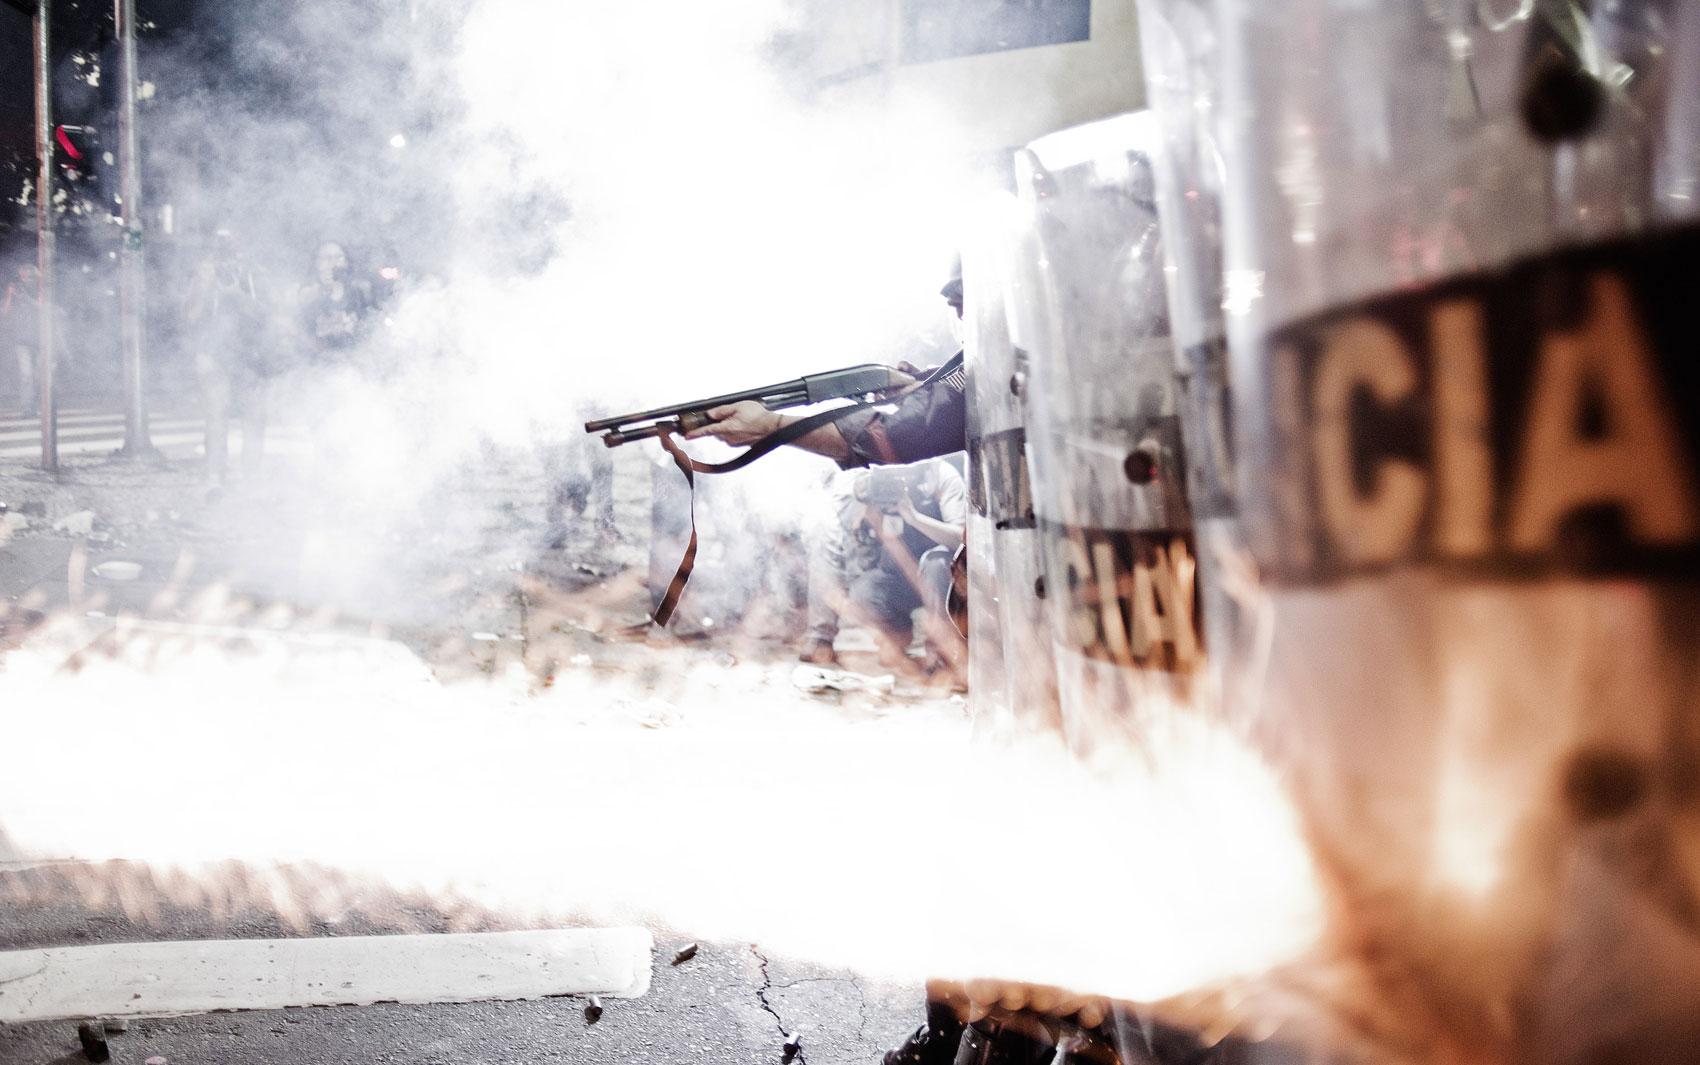 Policiais disparam balas de borracha e gás lacrimogêneo para dispersar manifestantes